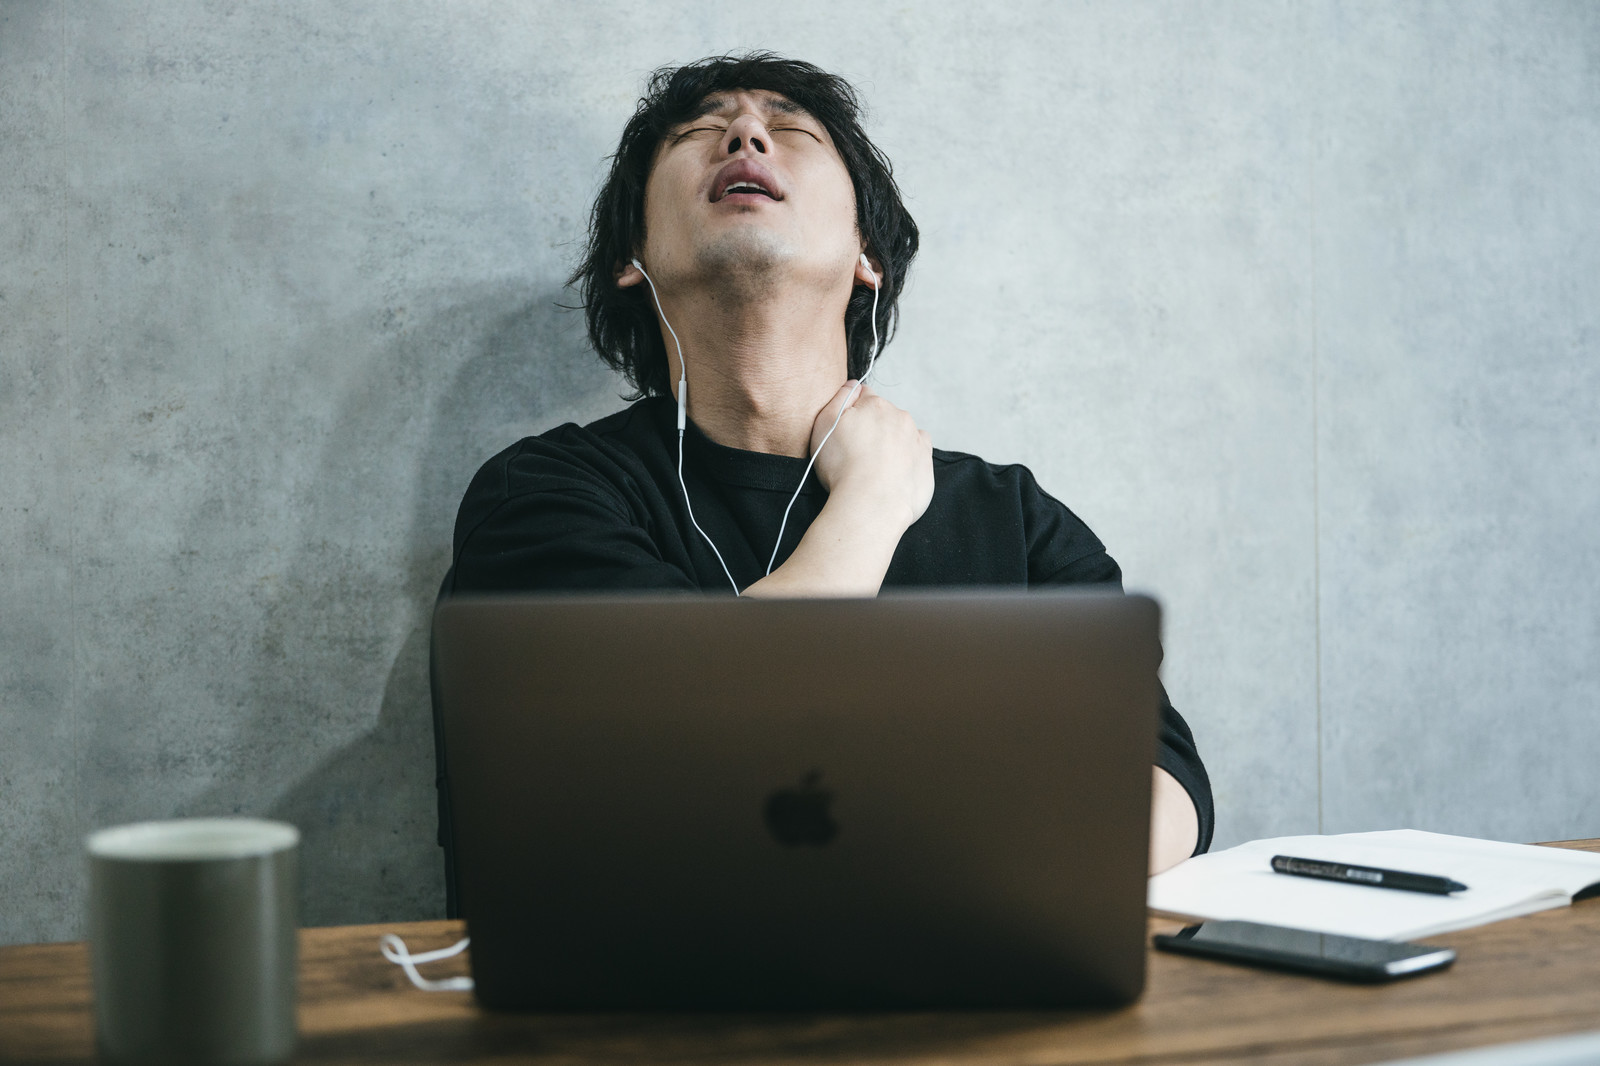 多くの社会人が悩まされている疲れ目の原因や対処法とは